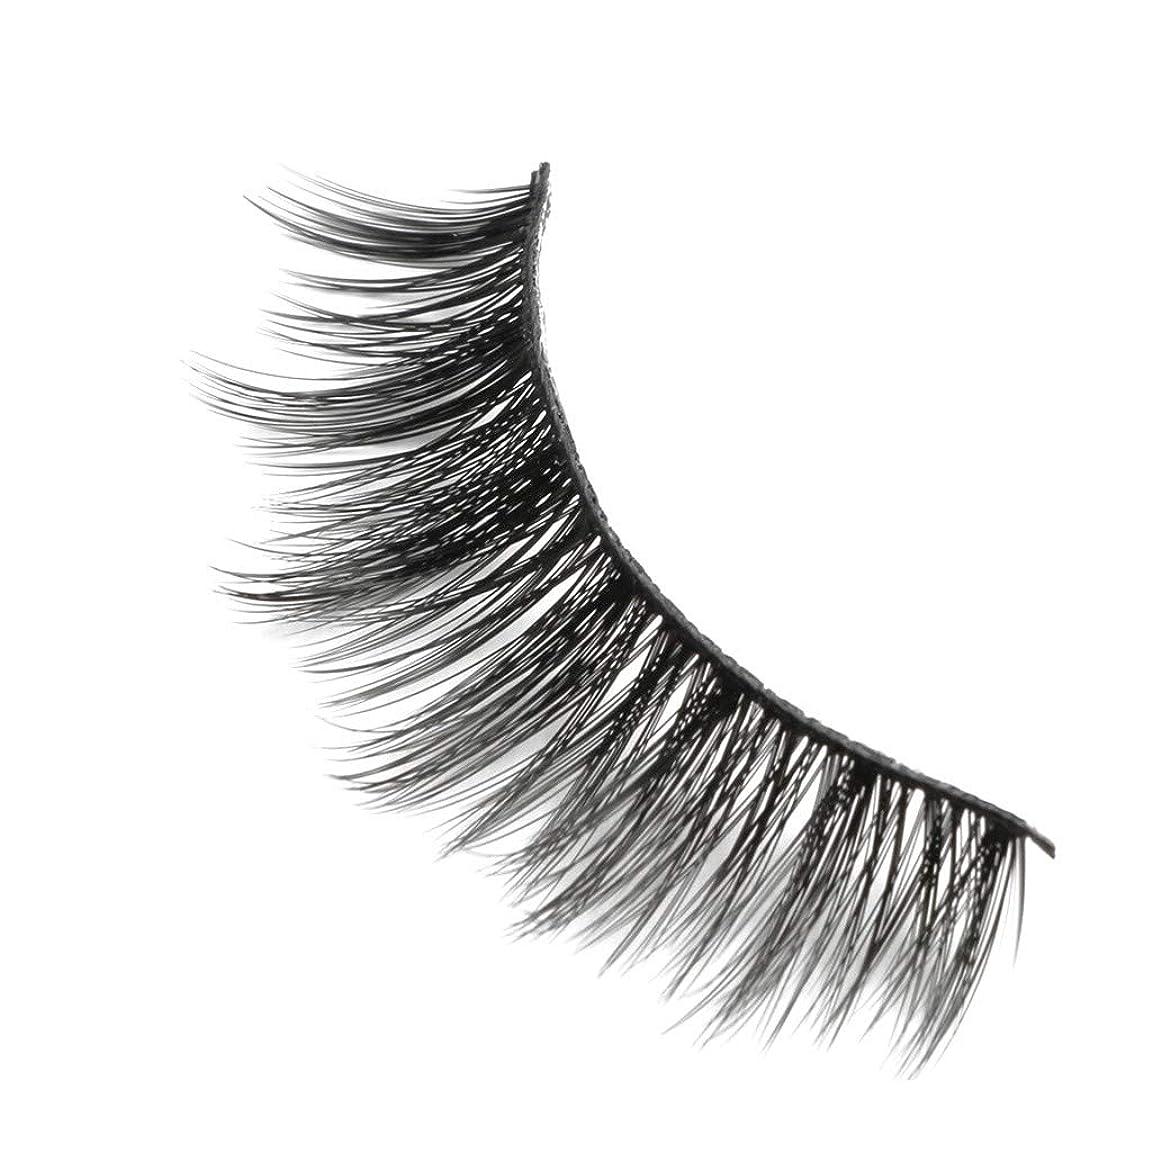 もちろん換気する私Posmant 10ペア 新製品 人気 ロータスプレート 3D ミンクの髪 つけまつげ 睫毛 化粧品 美しさ 眼 つけまつげ ファッション レディースファッション プラスチック ブラック テリア 長続きがする化粧 防水 魅力的な 柔らかい髪 長いまつげ